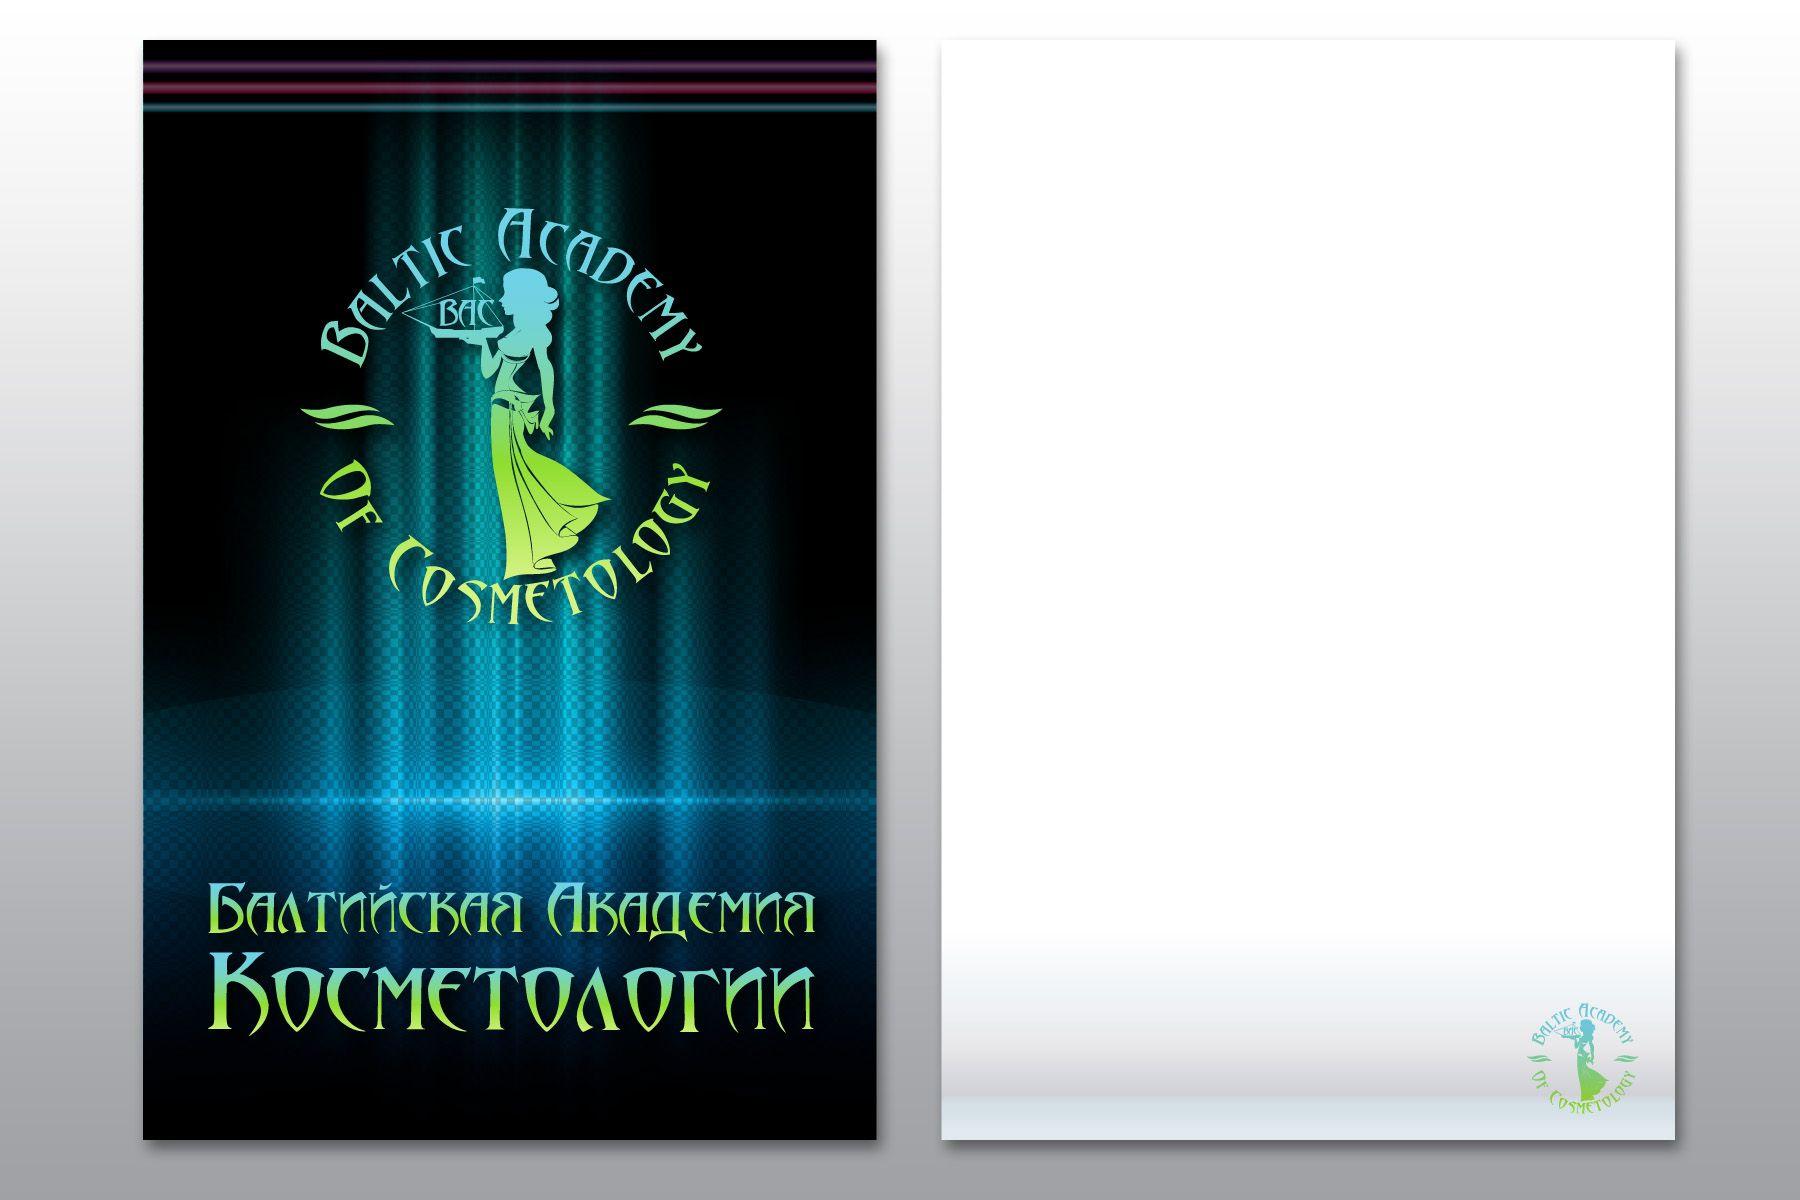 Лого и фирменный стиль для Балтийская академия косметологии - дизайнер aleksmaster